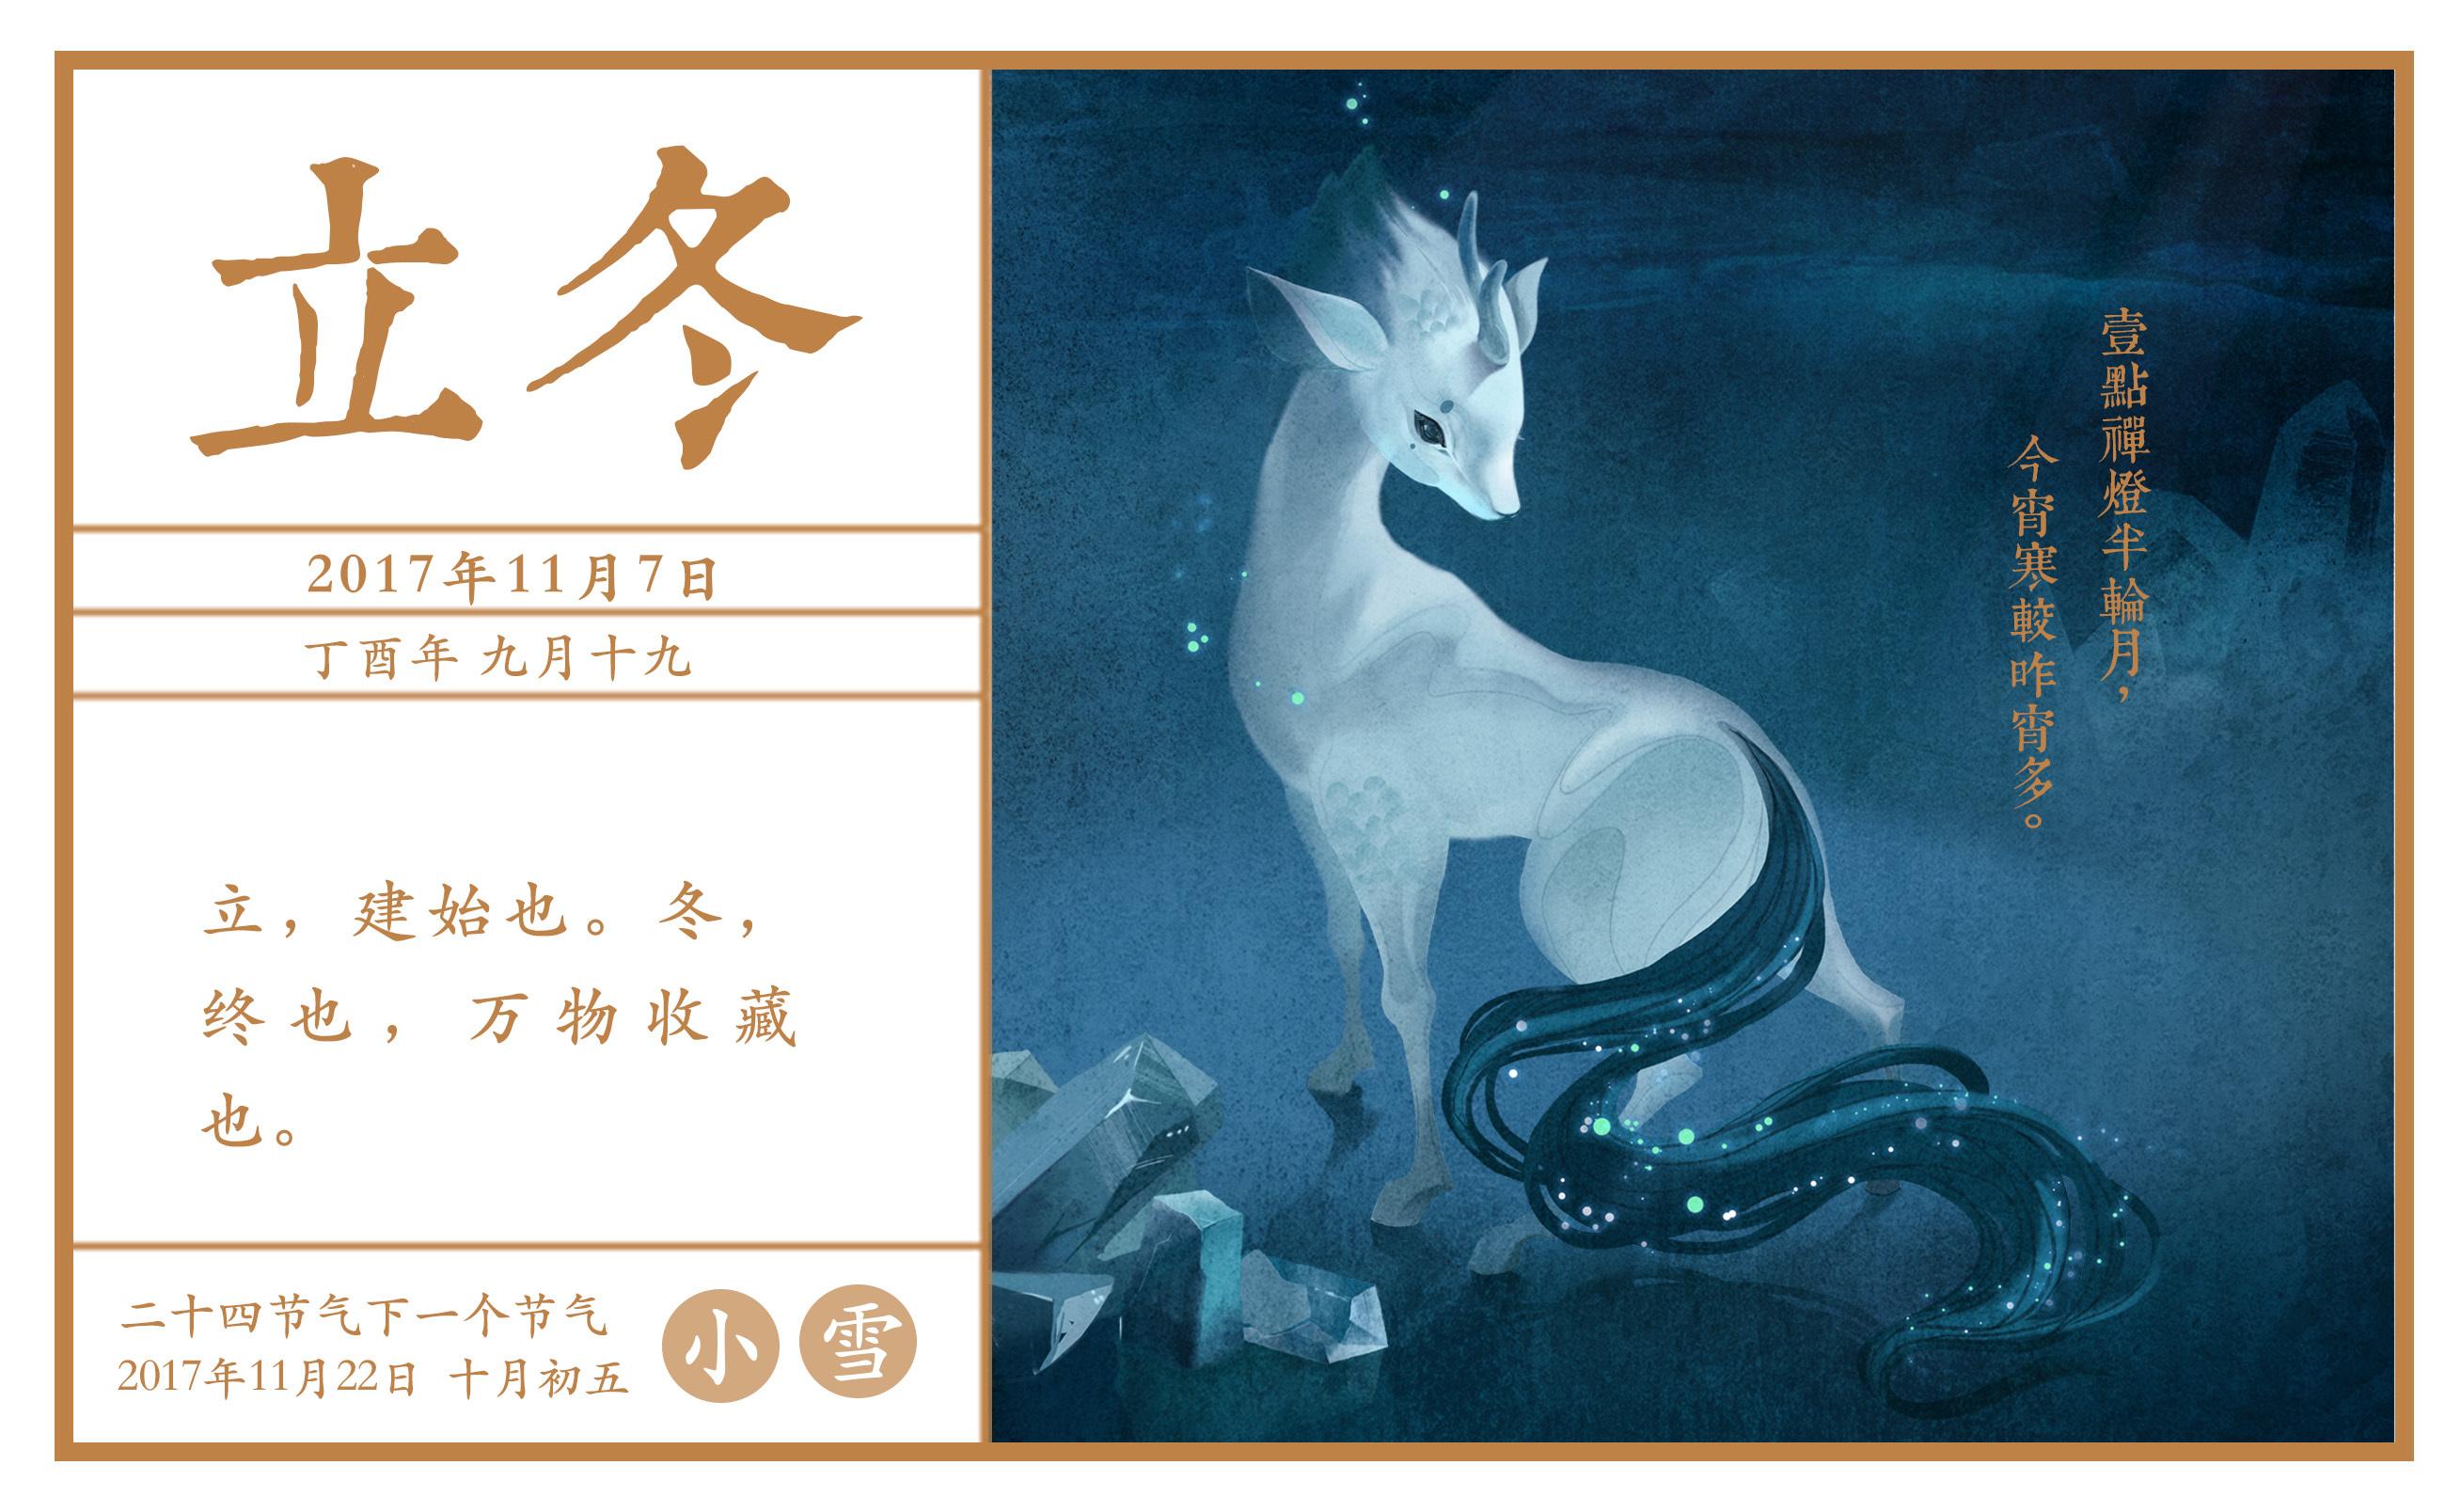 原创:七律·立冬(新韵、插图) - 芳  草  美  人 - 芳 草 美 人